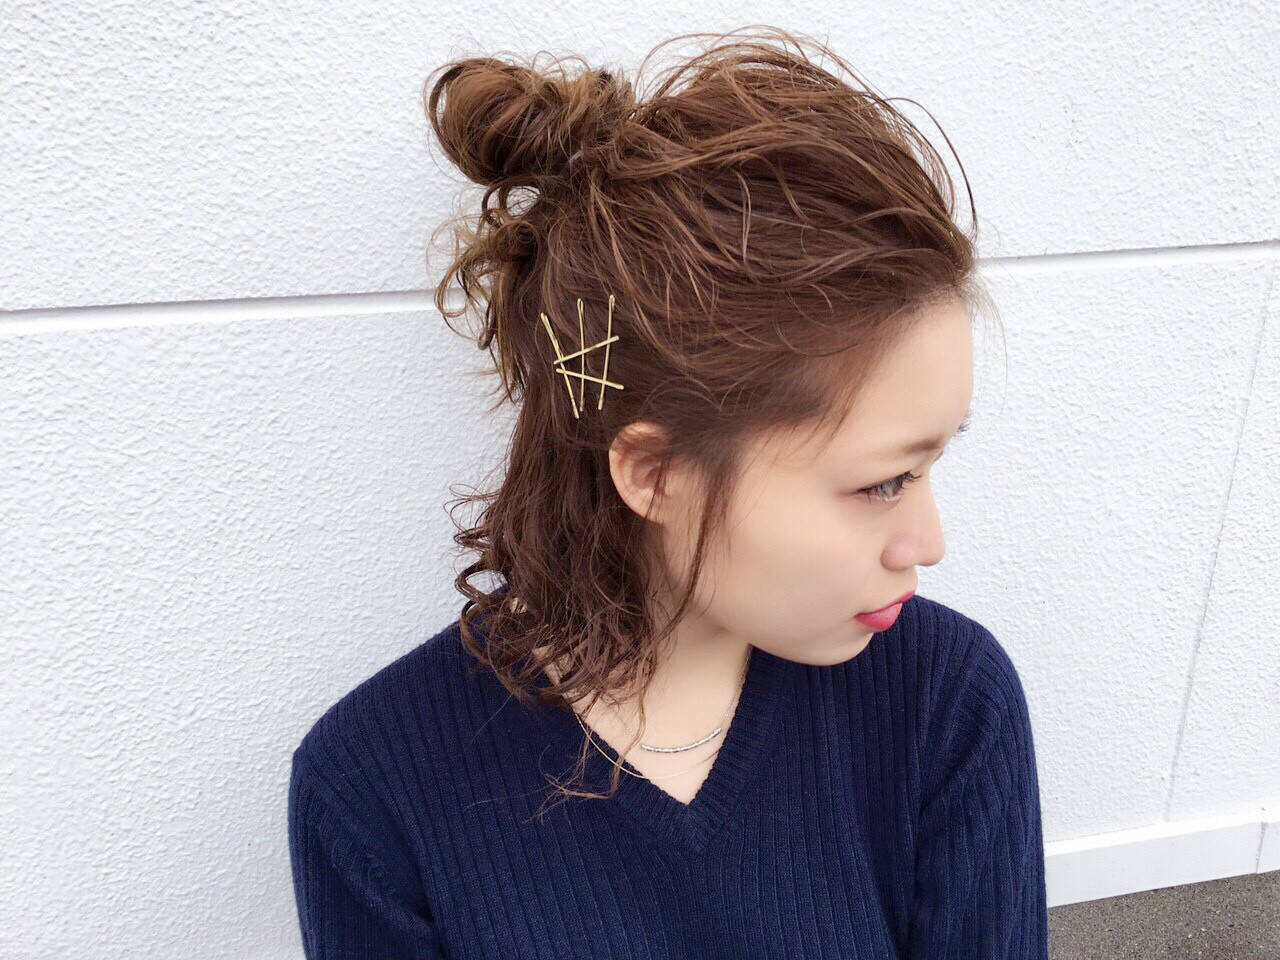 ミディアム ヘアアレンジ ショート アッシュヘアスタイルや髪型の写真・画像